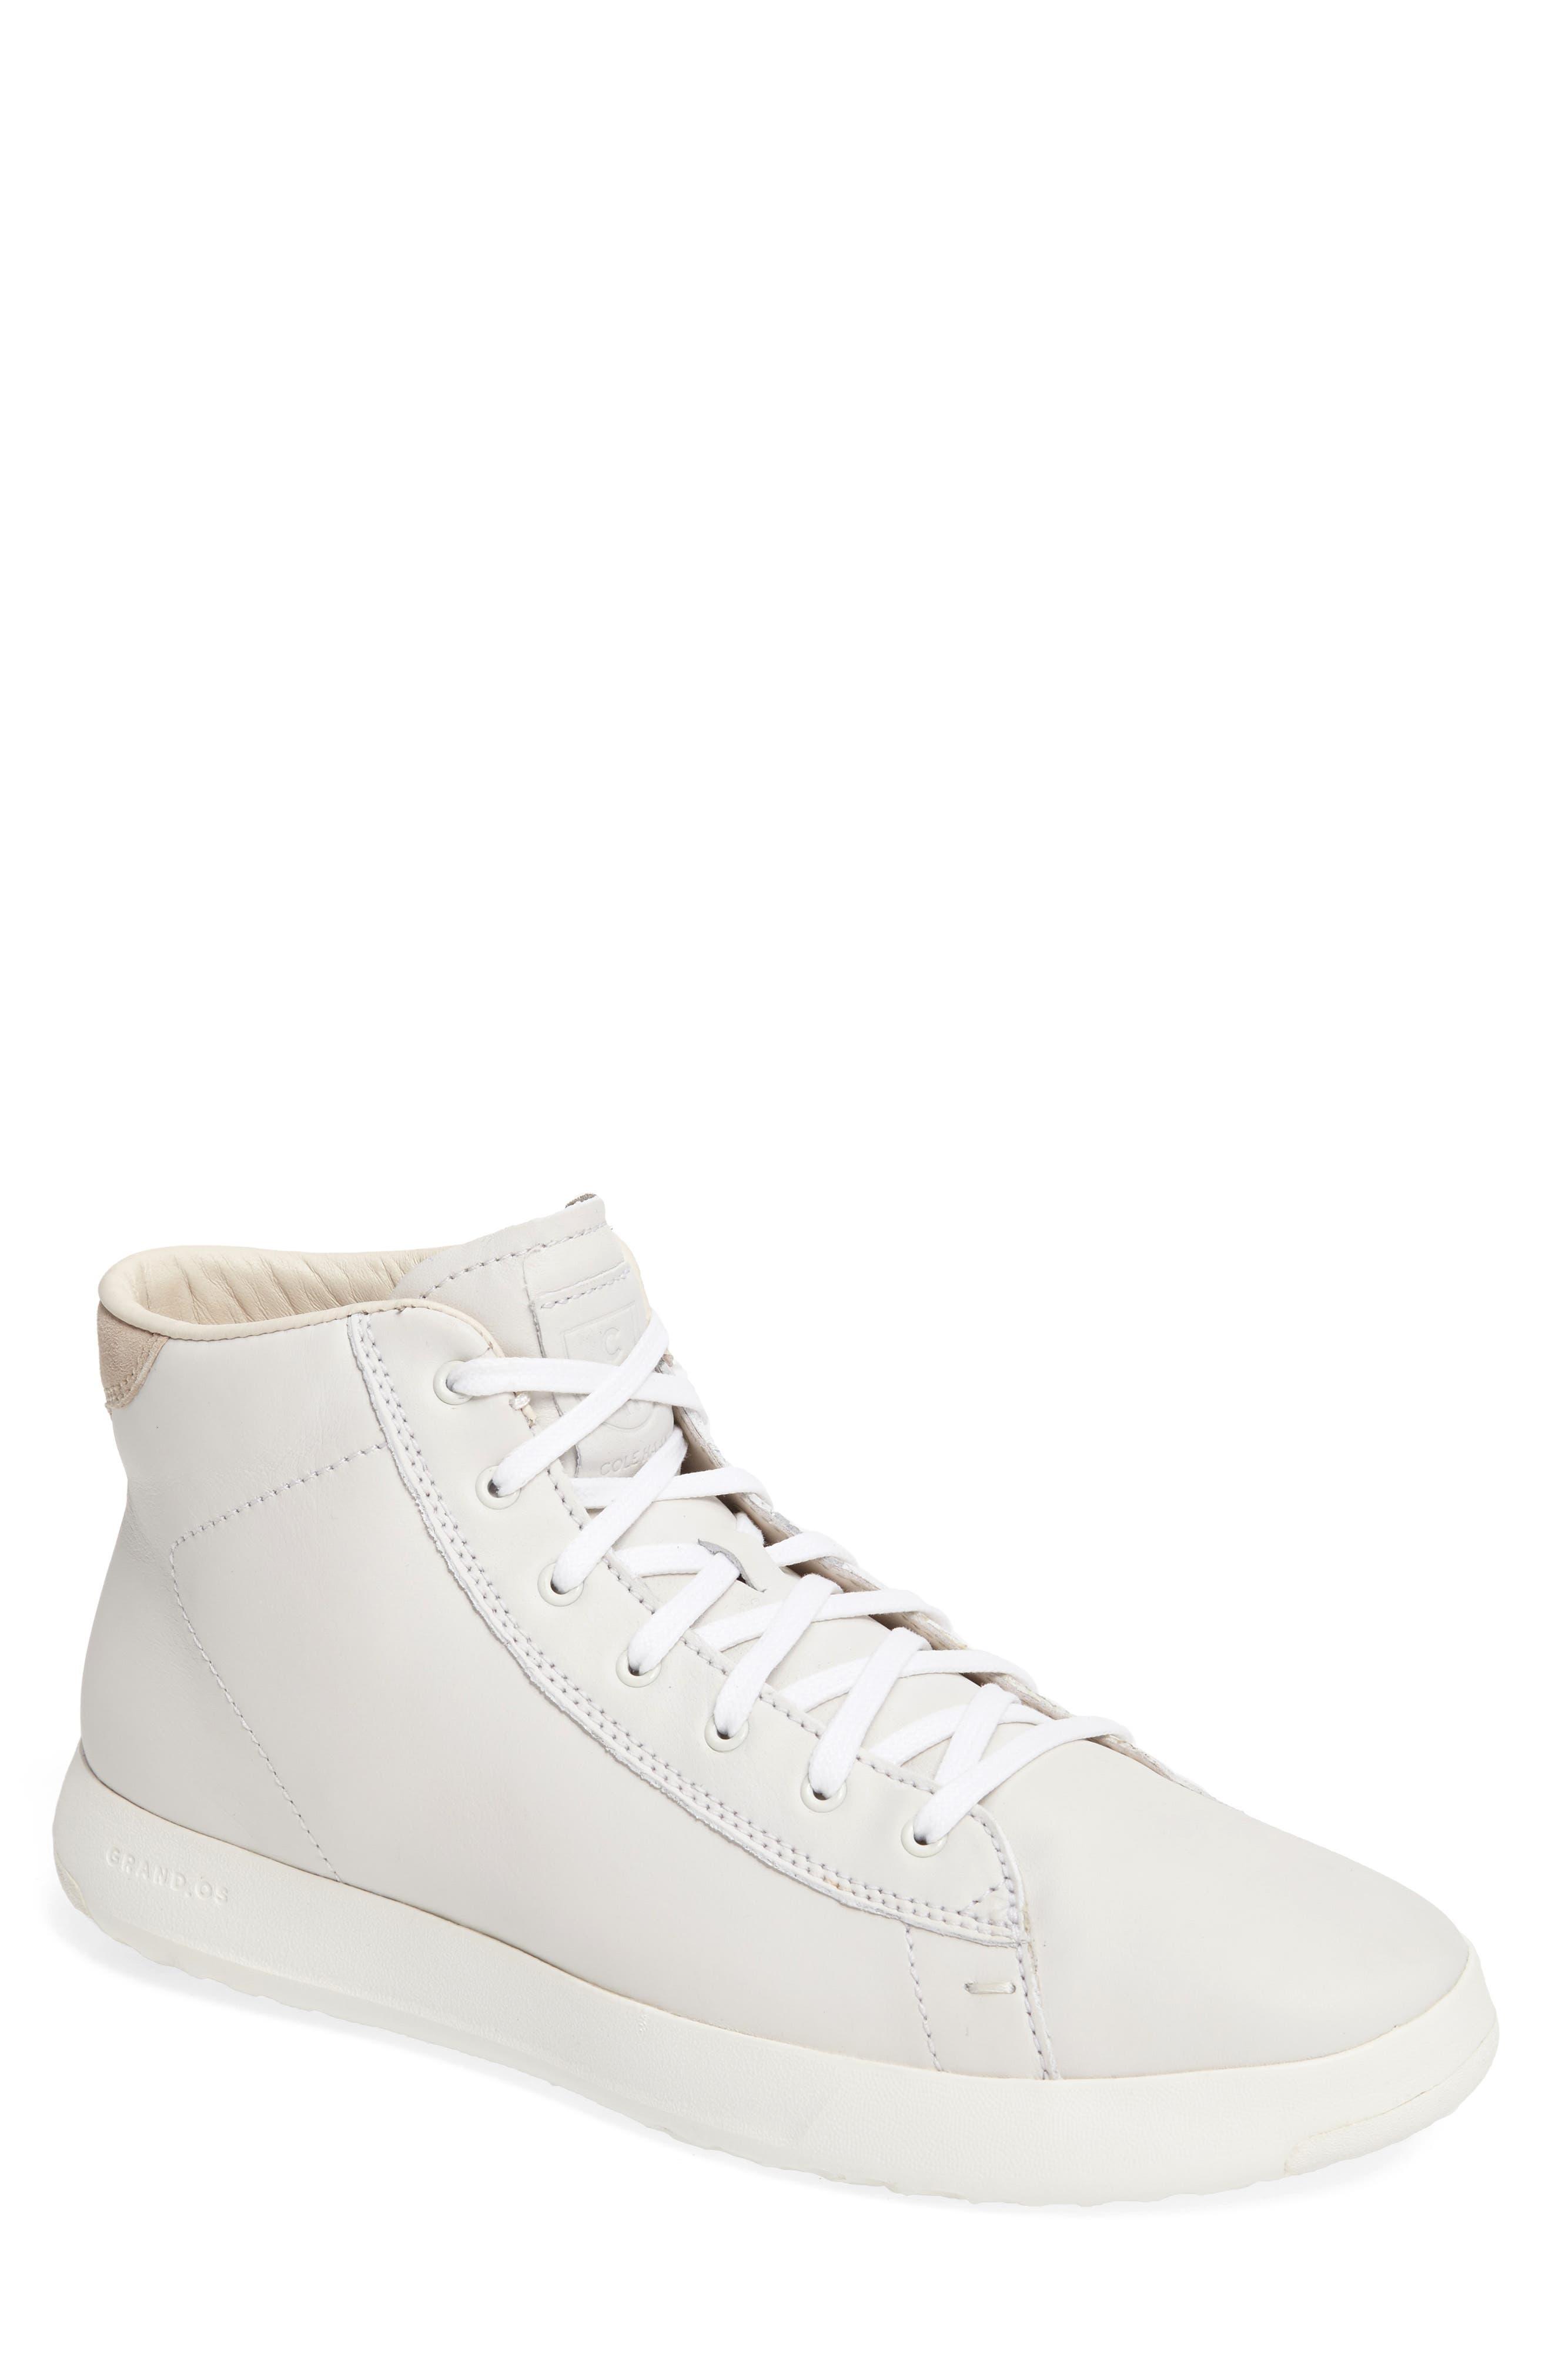 COLE HAAN GrandPro Hi Lux Sneaker